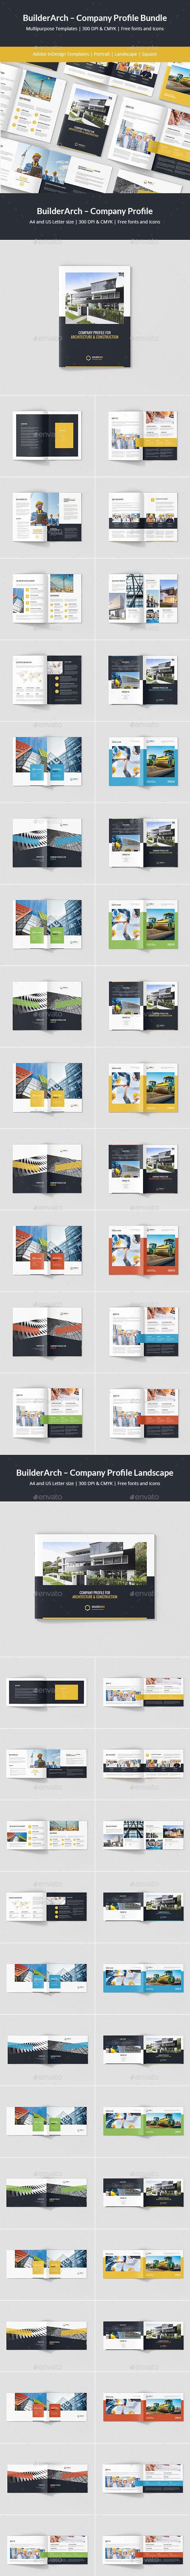 BuilderArch – Construction Company Profile Bundle 3 in 1 - Corporate Brochures